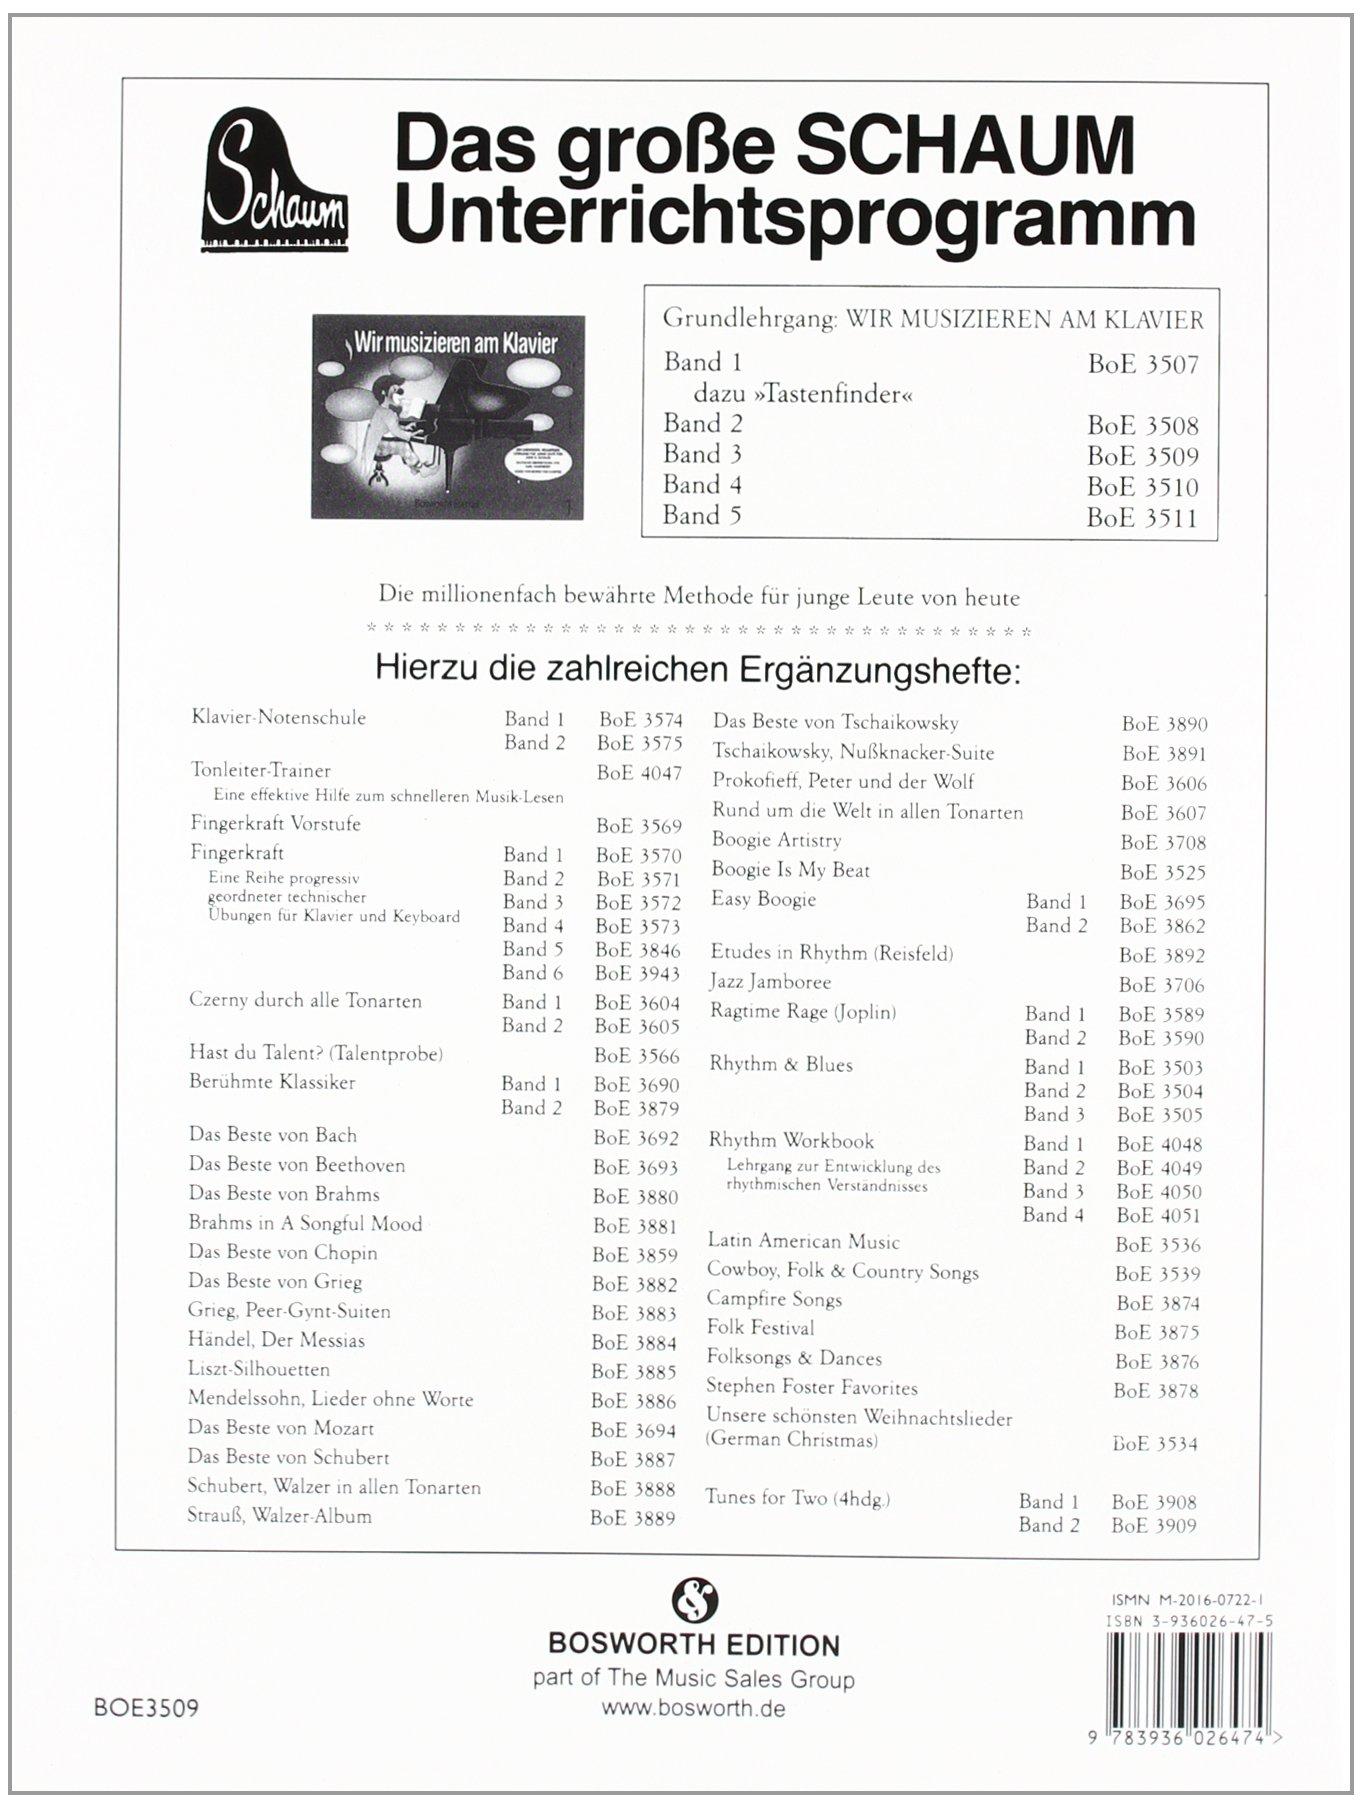 Wir Musizieren Am Klavier, Bd. 3 -Für Klavier-: Buch: Amazon.de ...